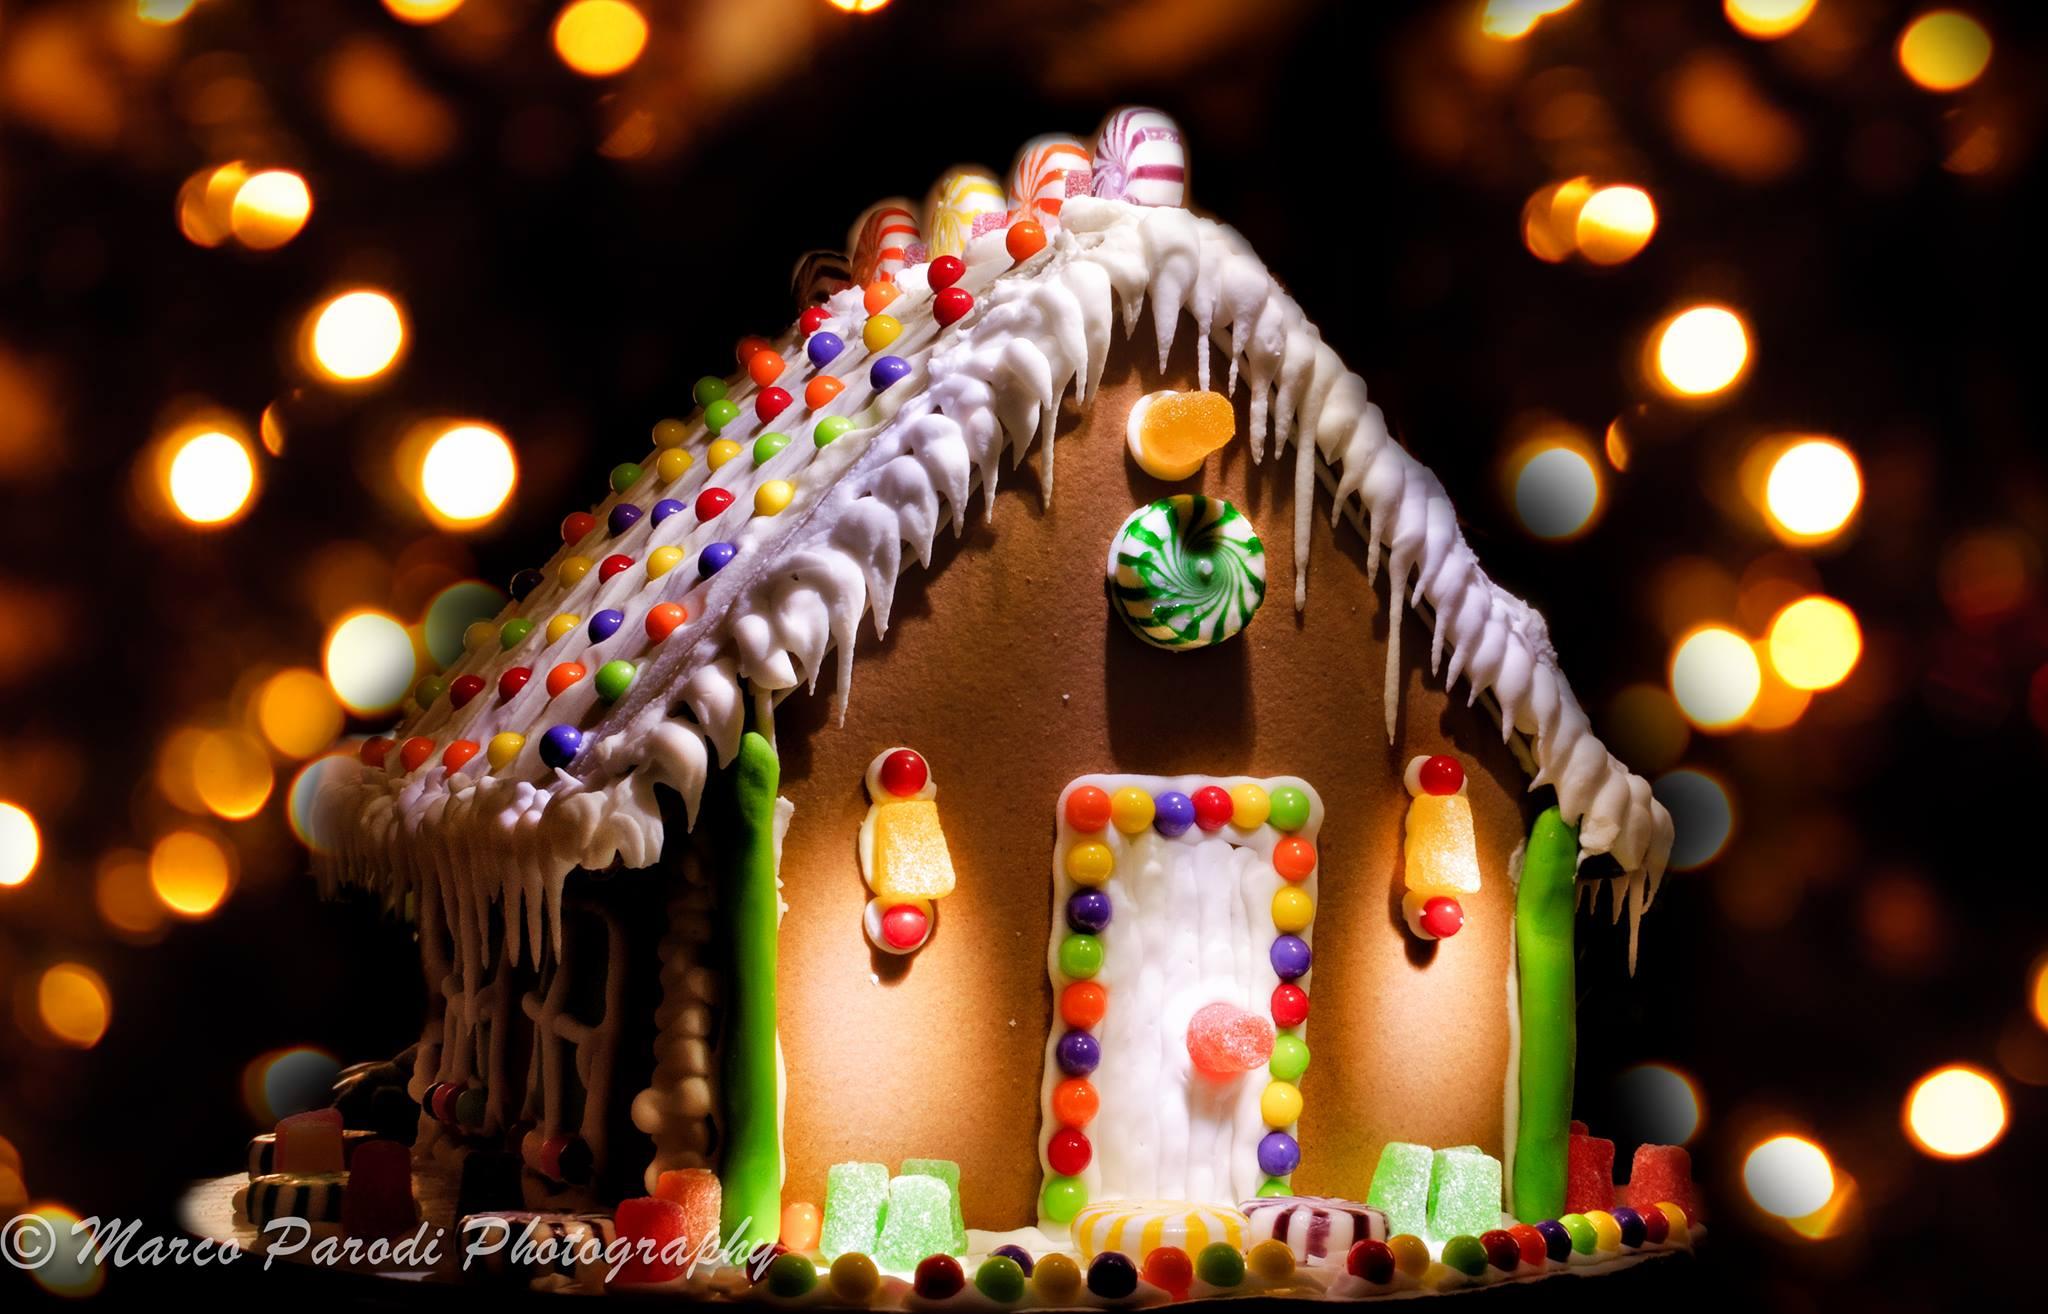 Marco Parodi ginger bread house.jpg